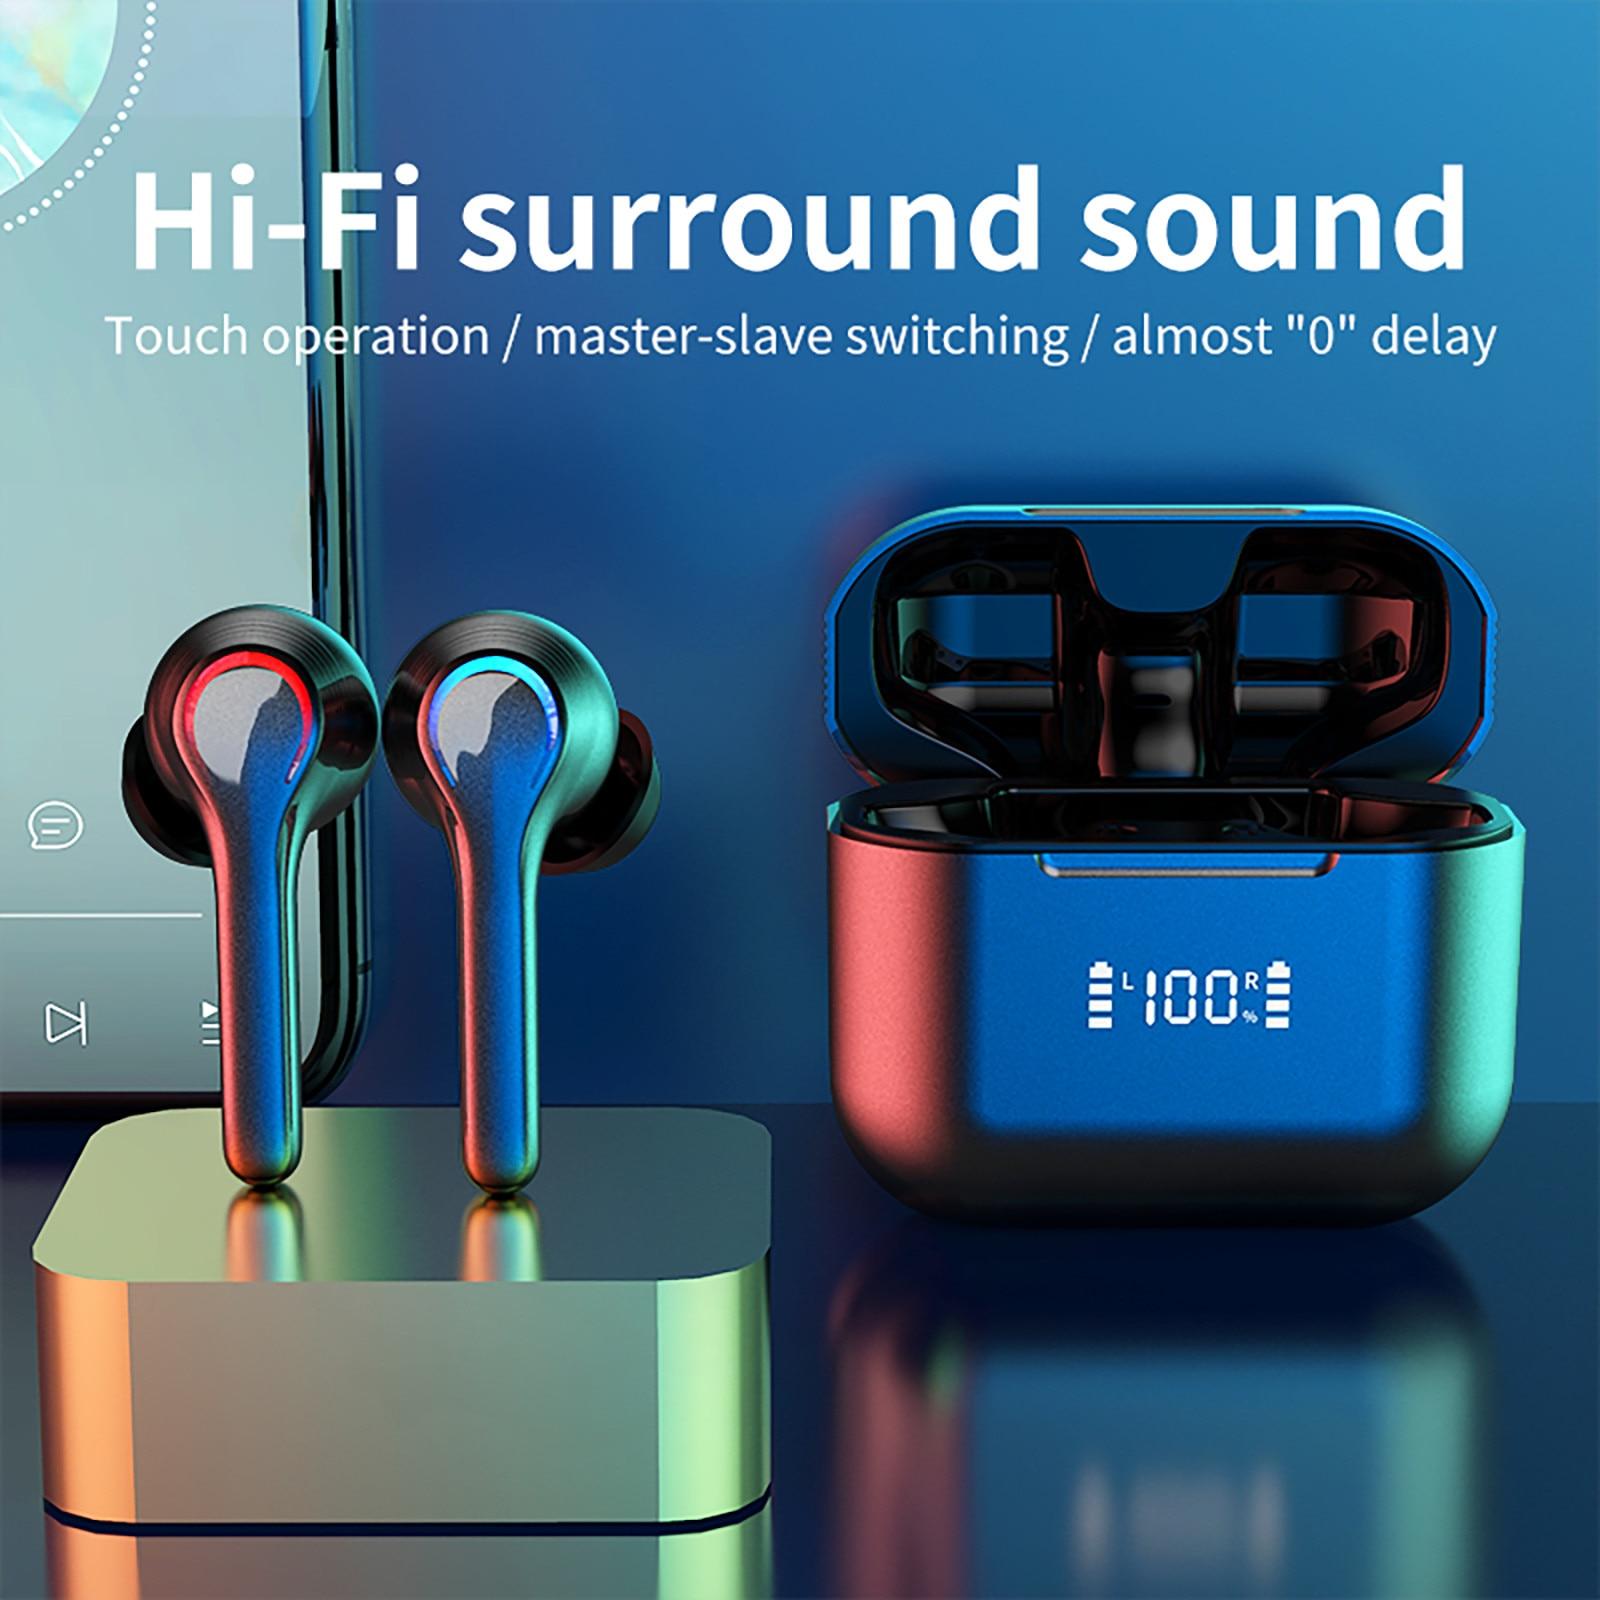 A6 impermeável bluetooth 5.0 fones de ouvido sem fio fone com cancelamento ruído auricular inalambrico ecouteur sans fil